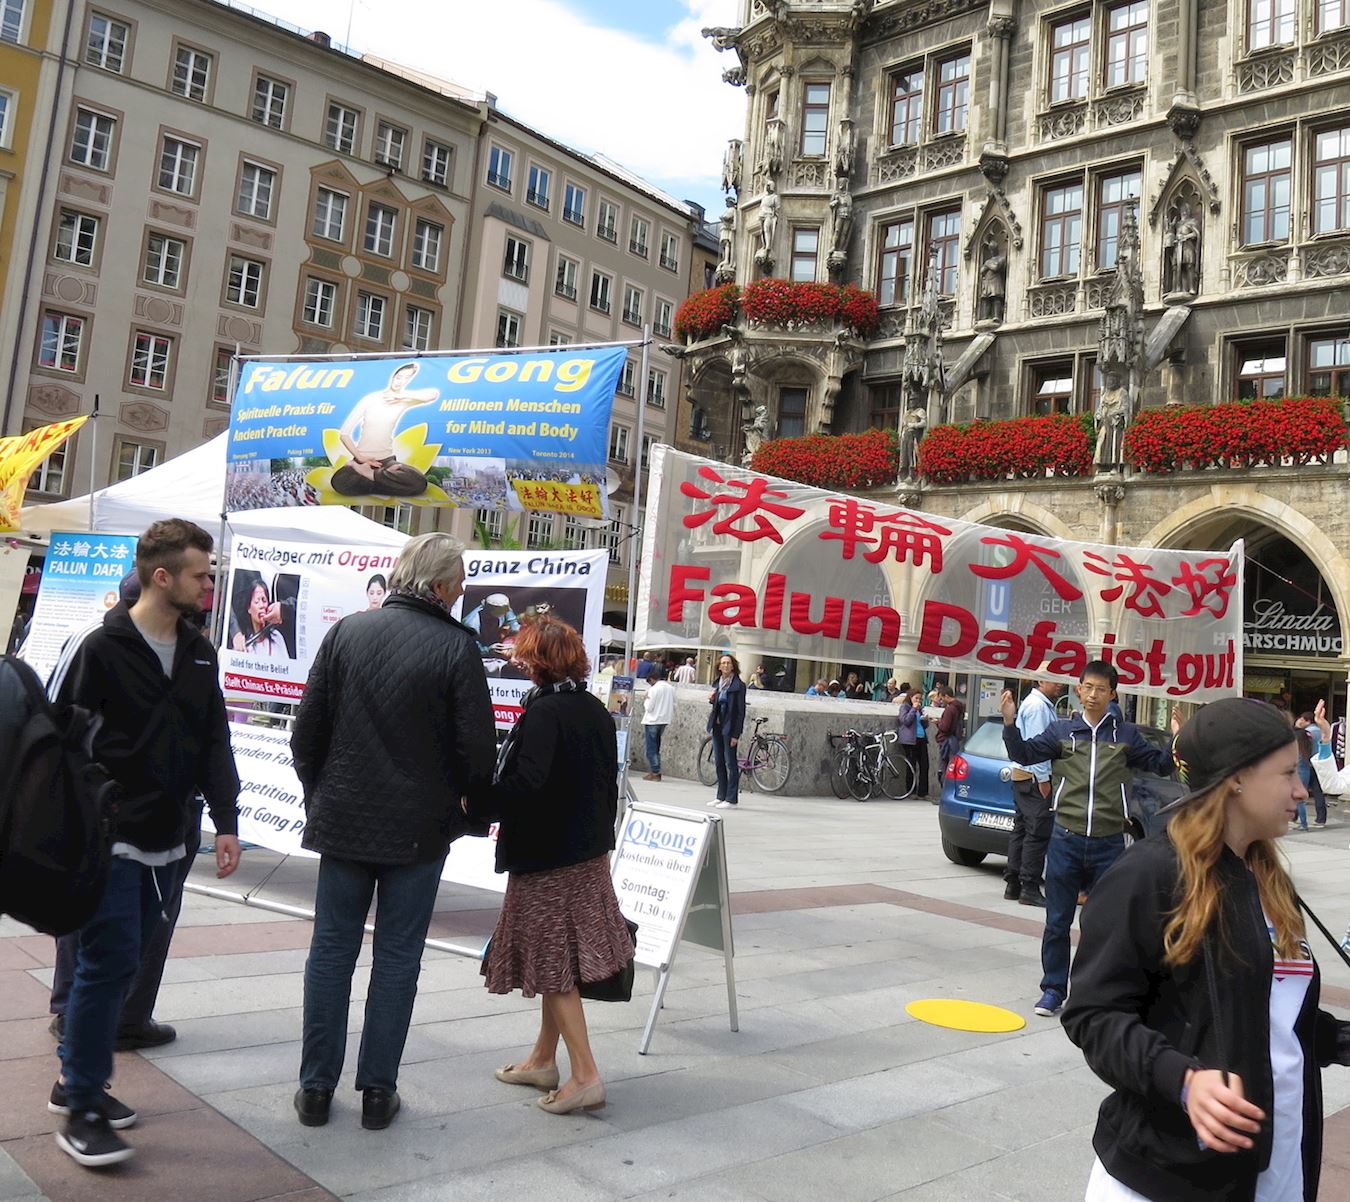 2017年8月12日,德國南部名城慕尼黑(Munich)部分法輪功學員在市政廳前瑪琳廣場(Marienplatz)設立法輪功真相展位。有人當場跟法輪功學員學煉功法,還有人馬上就到對面的書店訂購《轉法輪》書籍。民眾也紛紛加入譴責中共對法輪功學員迫害的行列中,人們在給聯合國人權委員會的請願書上簽名。(明慧網)